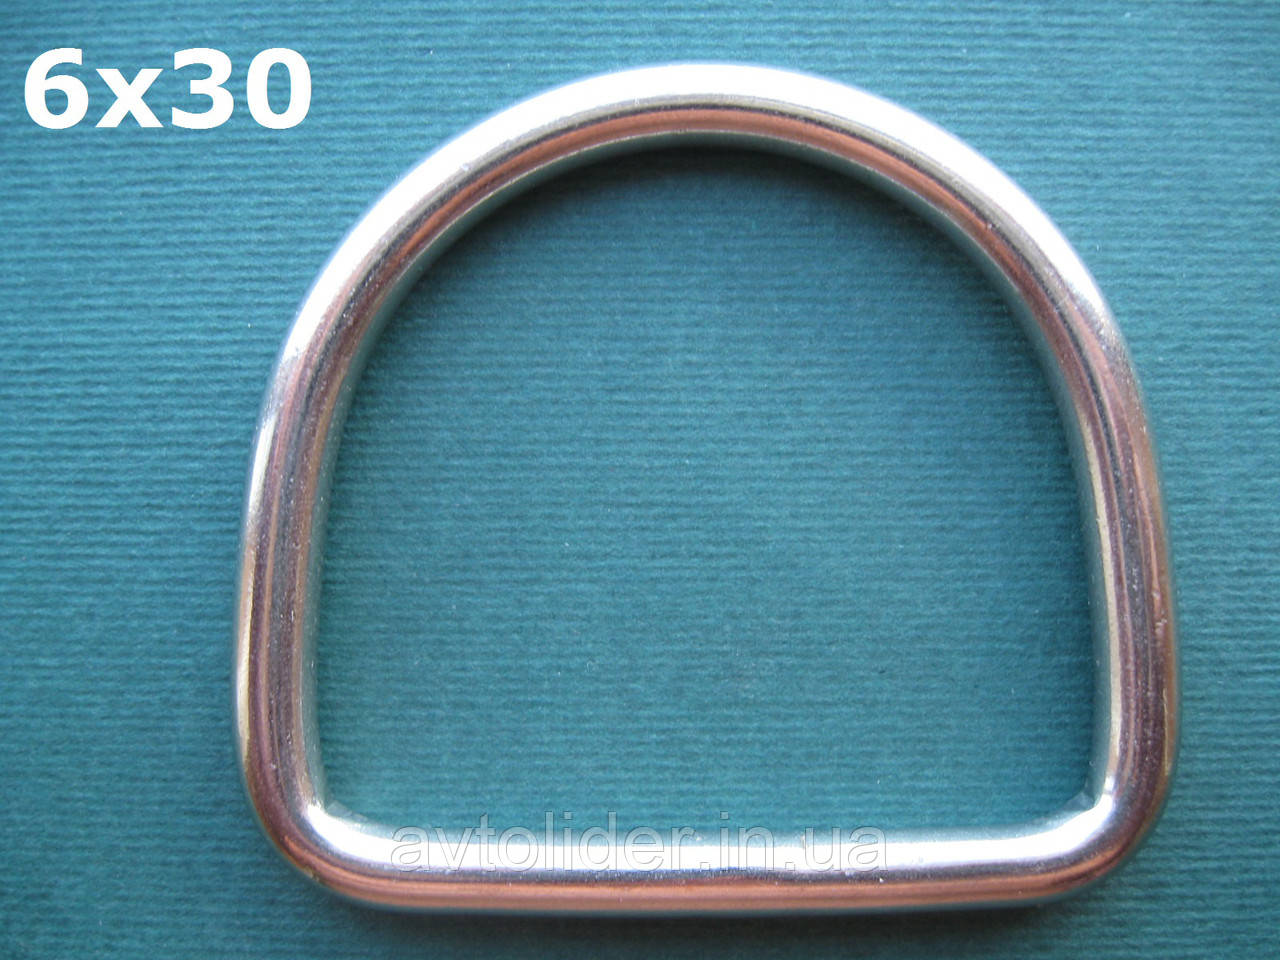 Нержавеющее кольцо D-образное, 6х30 мм